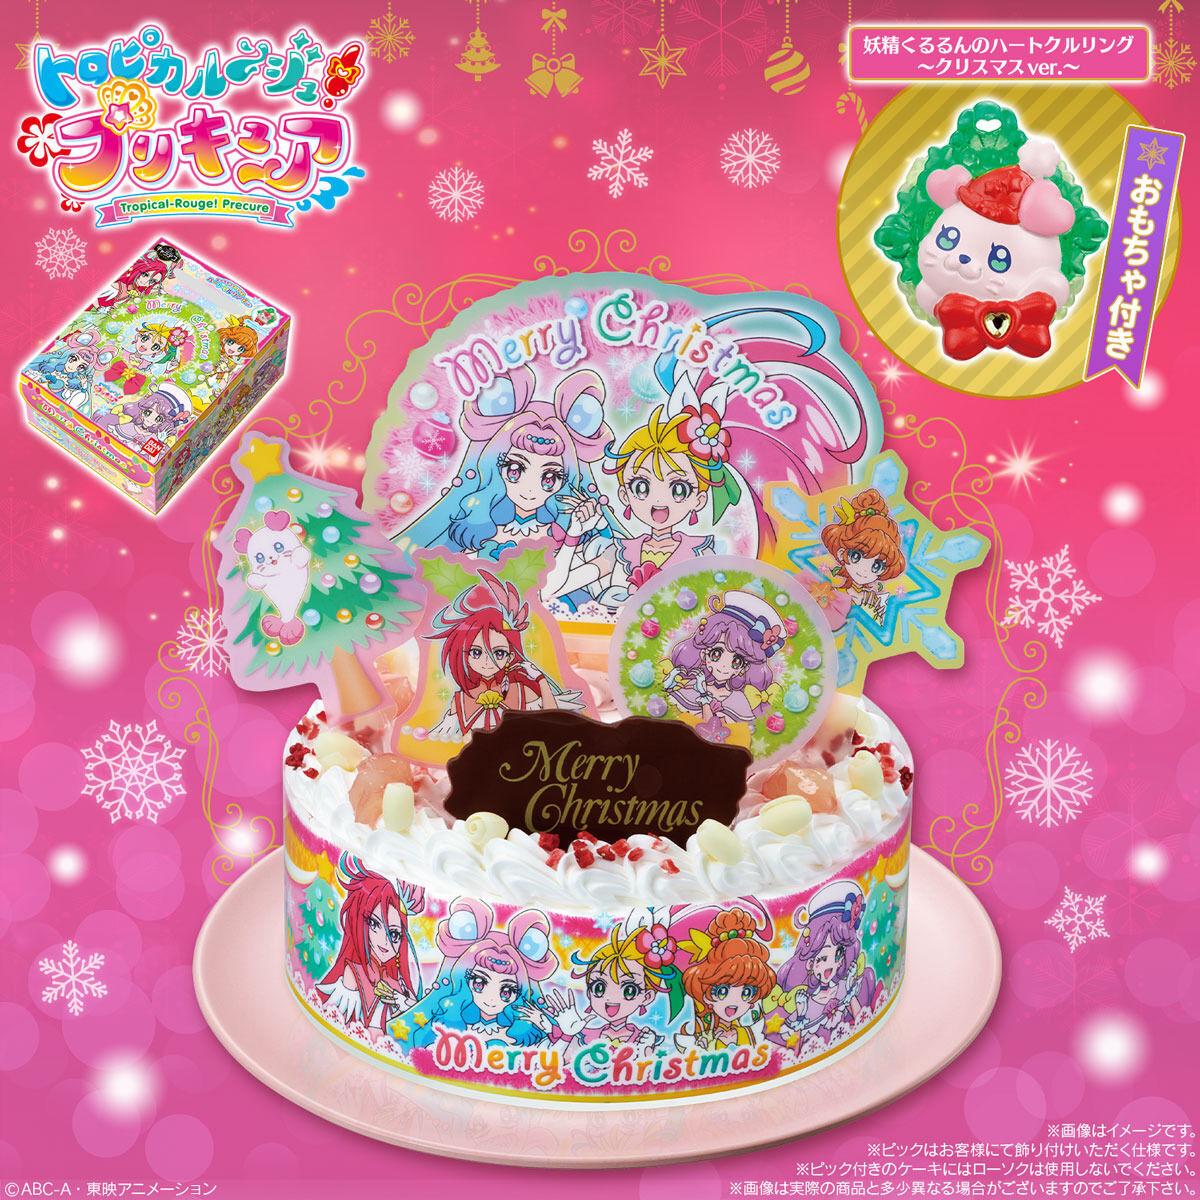 【特典あり】キャラデコクリスマス トロピカル〜ジュ!プリキュア(5号サイズ)_0